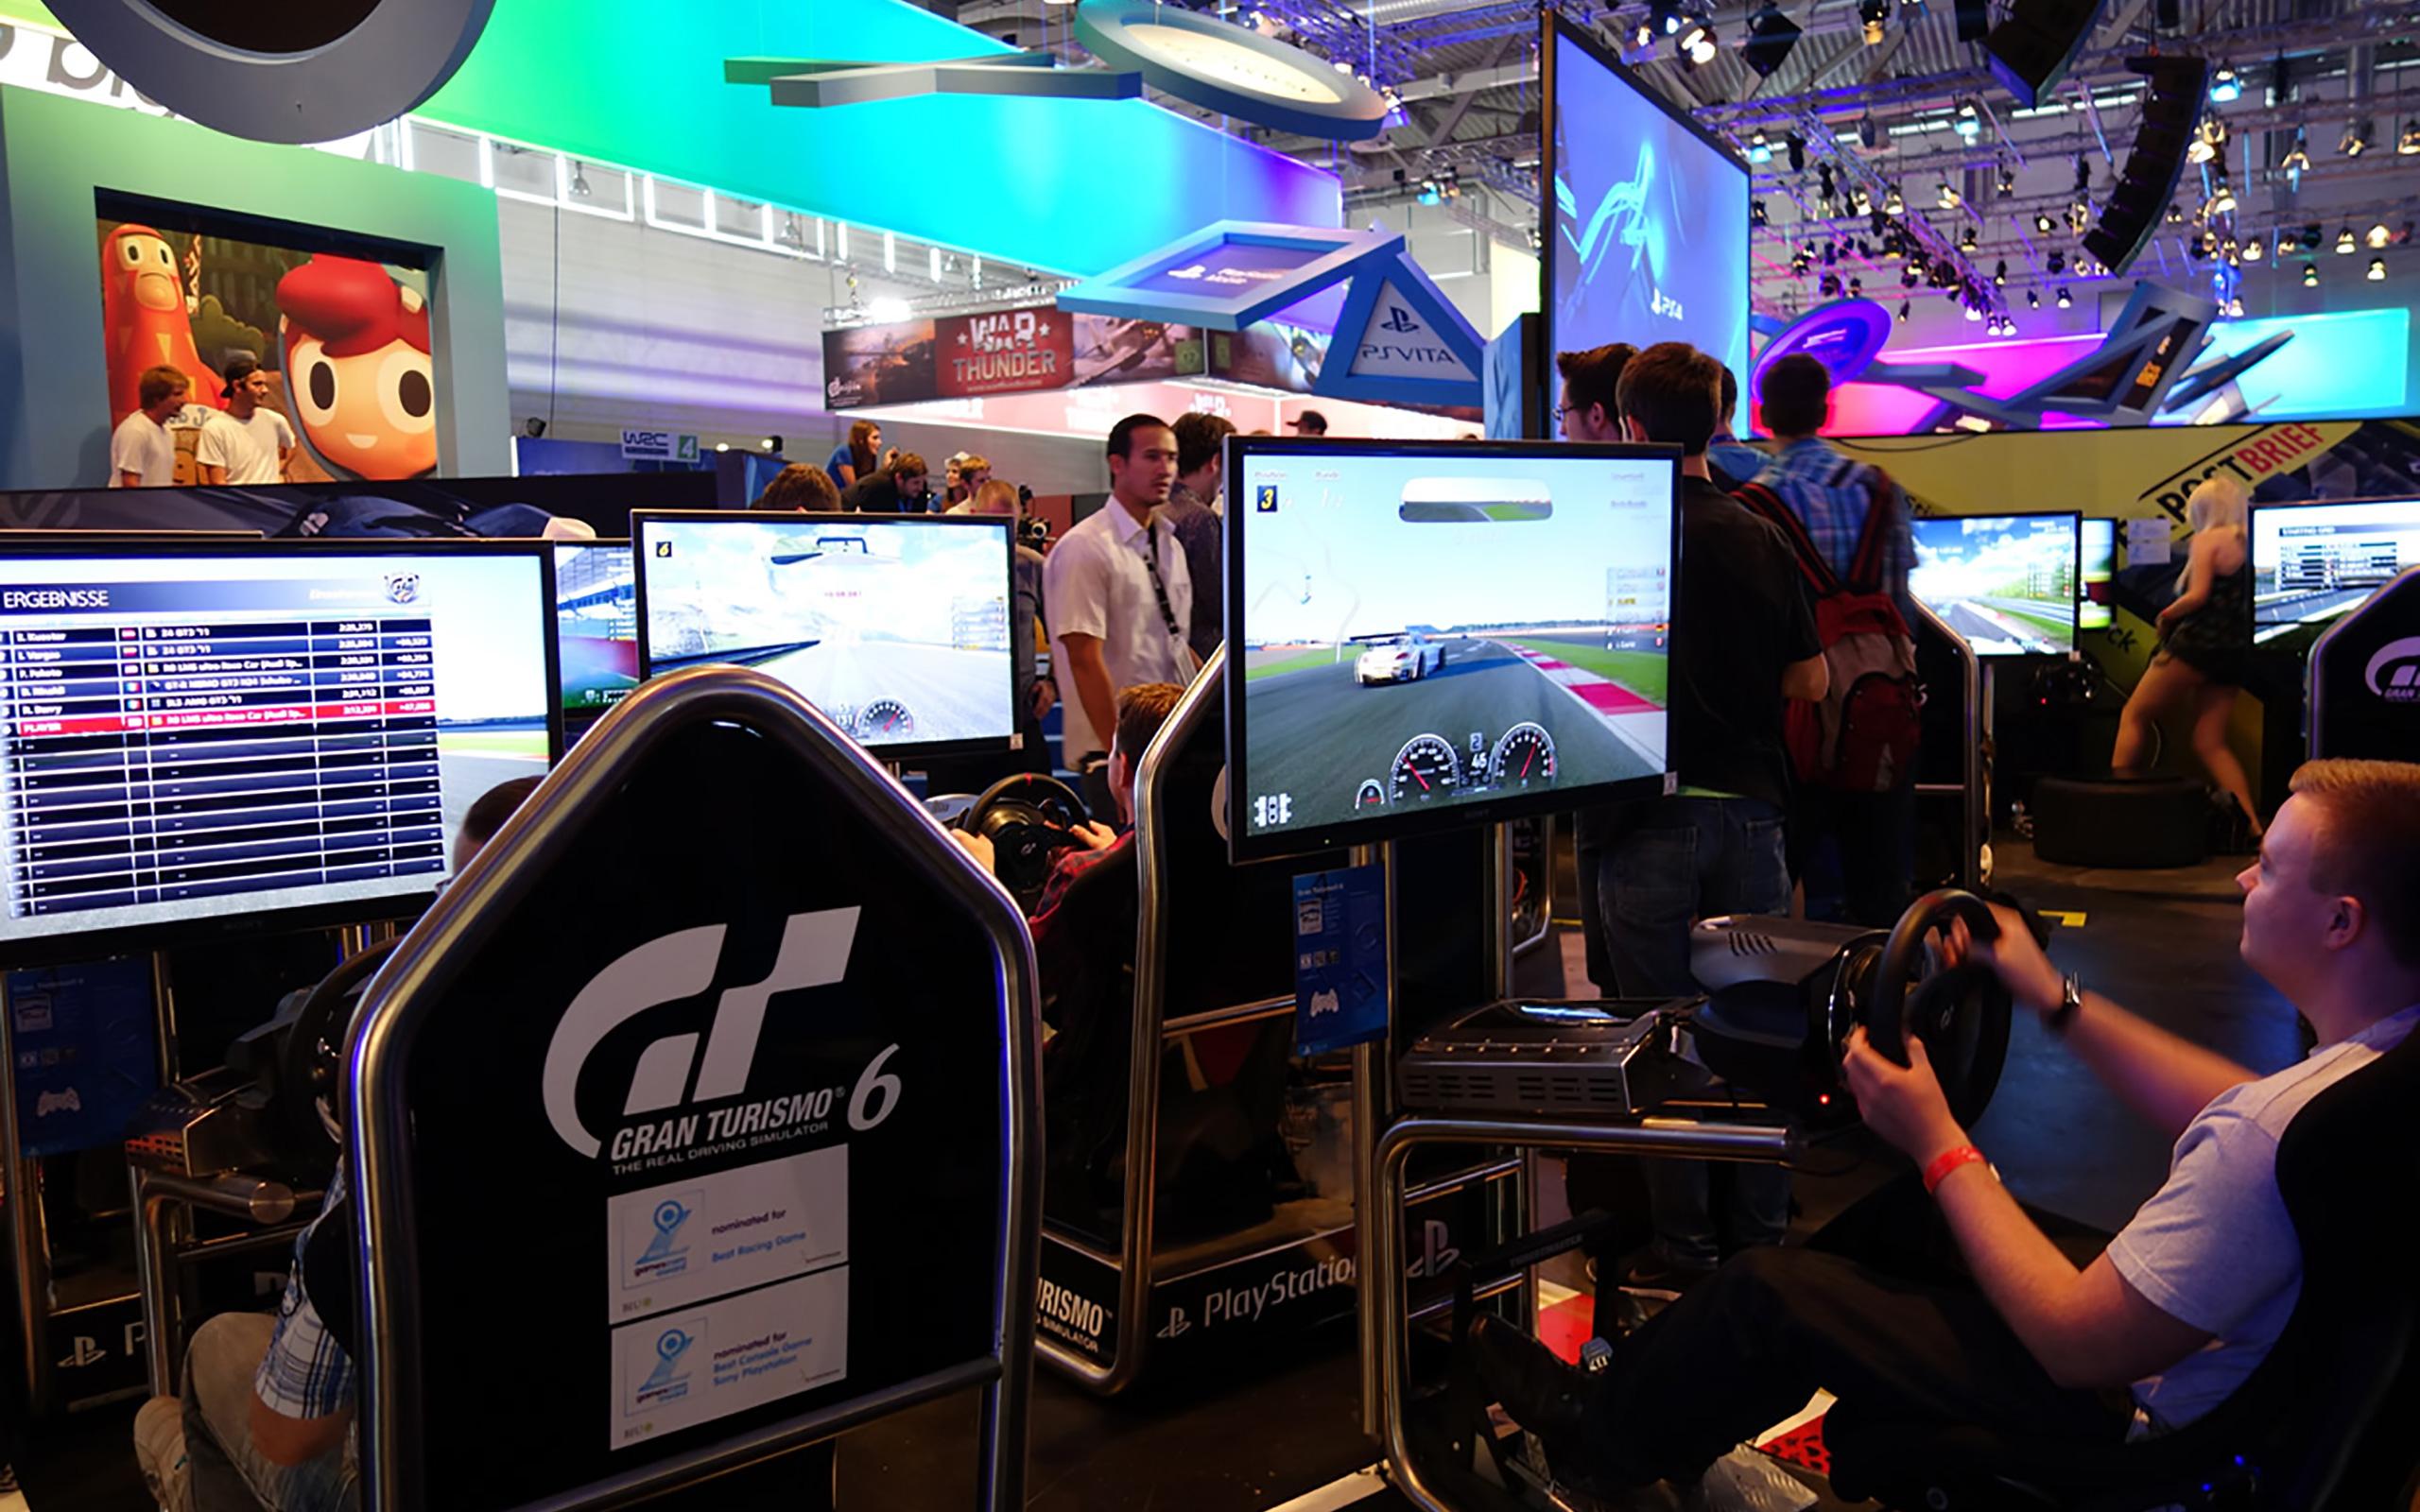 PlayStation, Halle 7, Gran Turismo 6